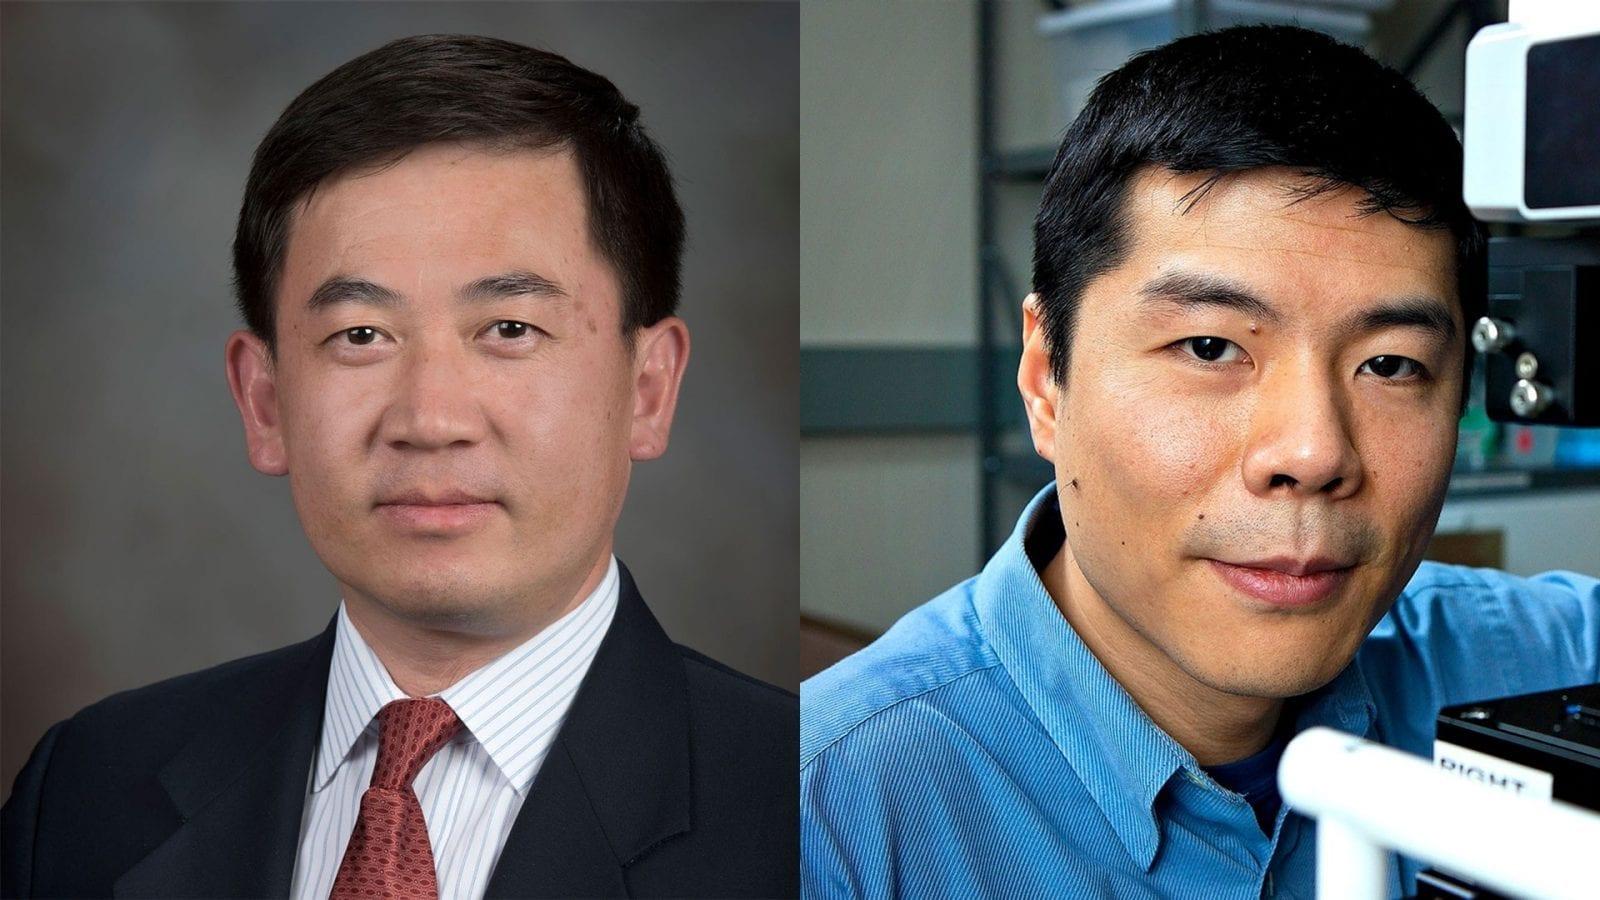 From left: Jiangtao Cheng and Wei Zhou.